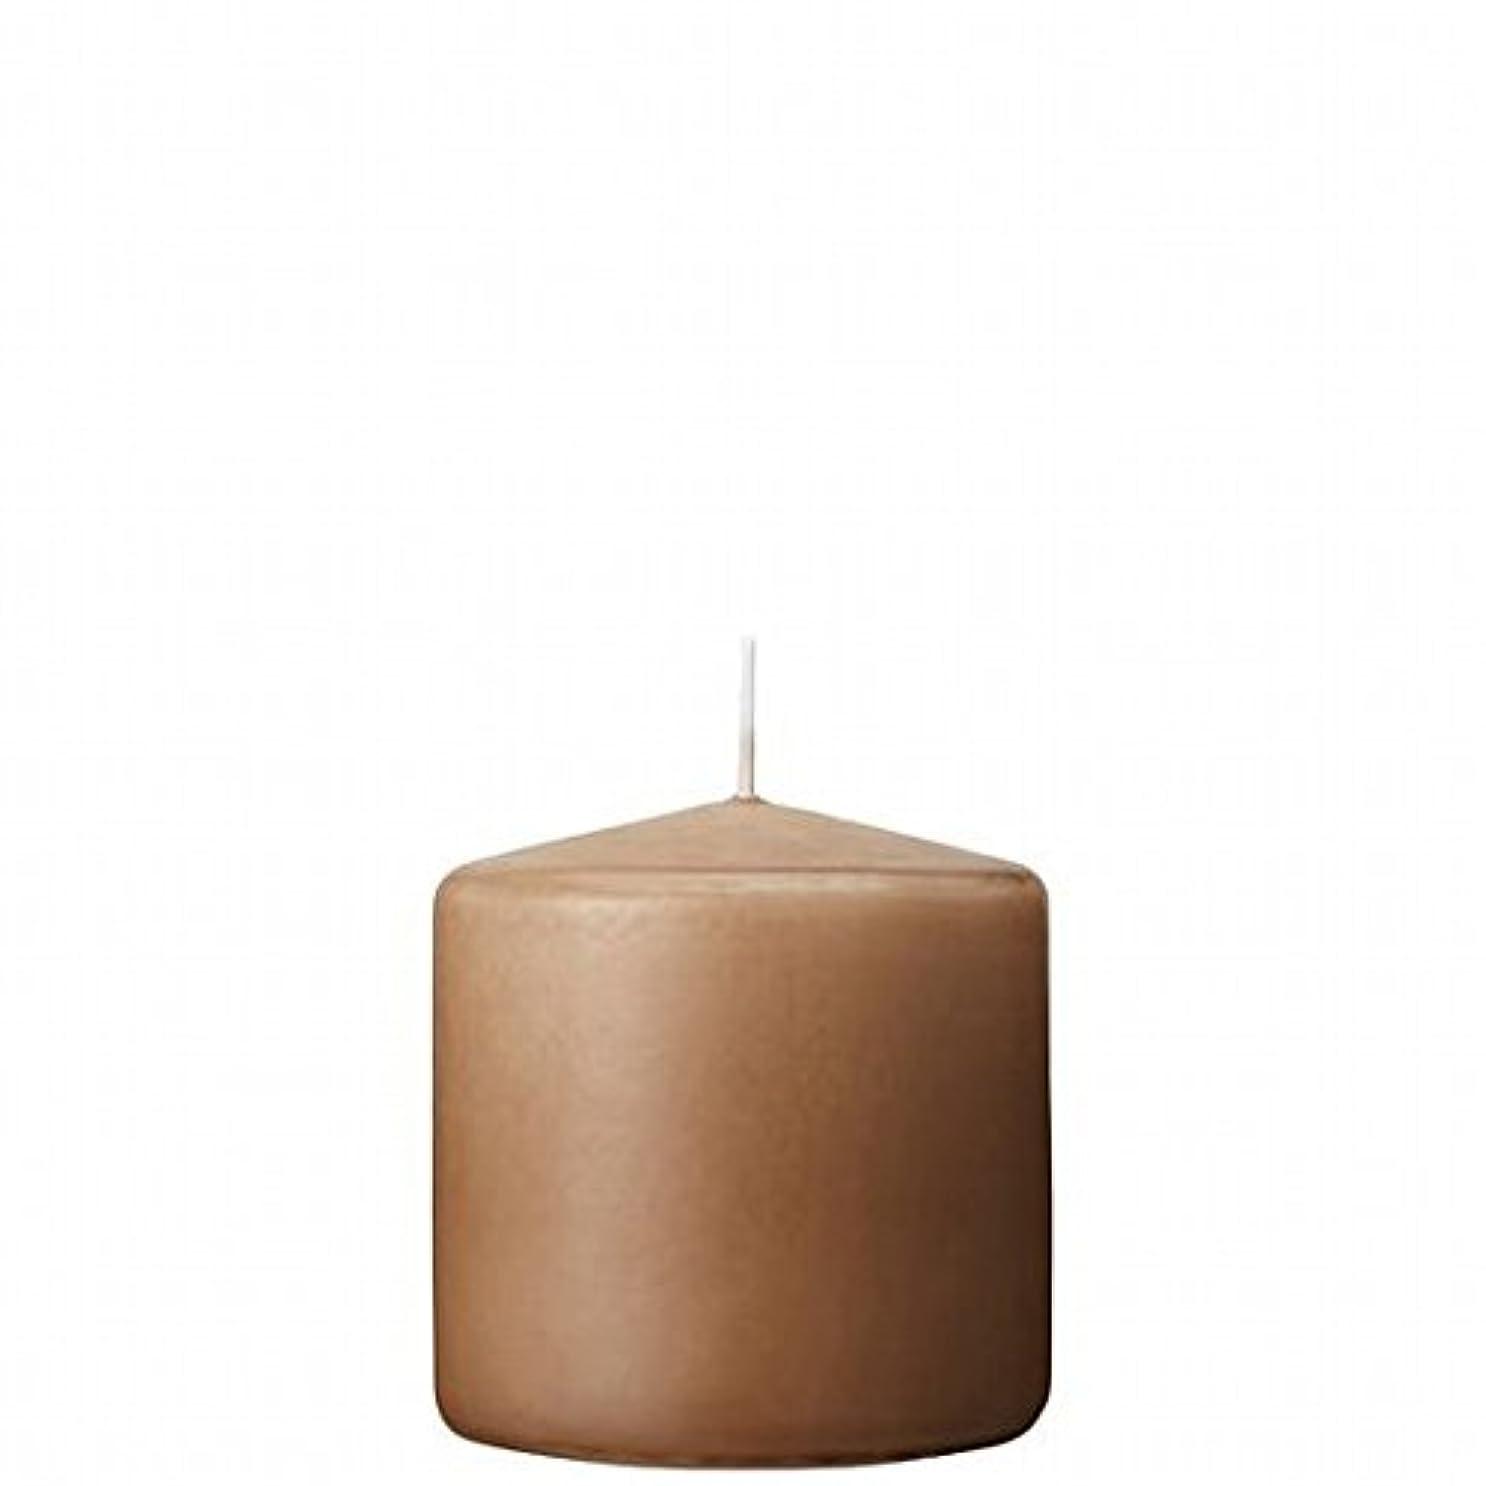 目に見えるバイオレットセグメントkameyama candle(カメヤマキャンドル) 3×3ベルトップピラーキャンドル 「 モカ 」(A9730000MO)